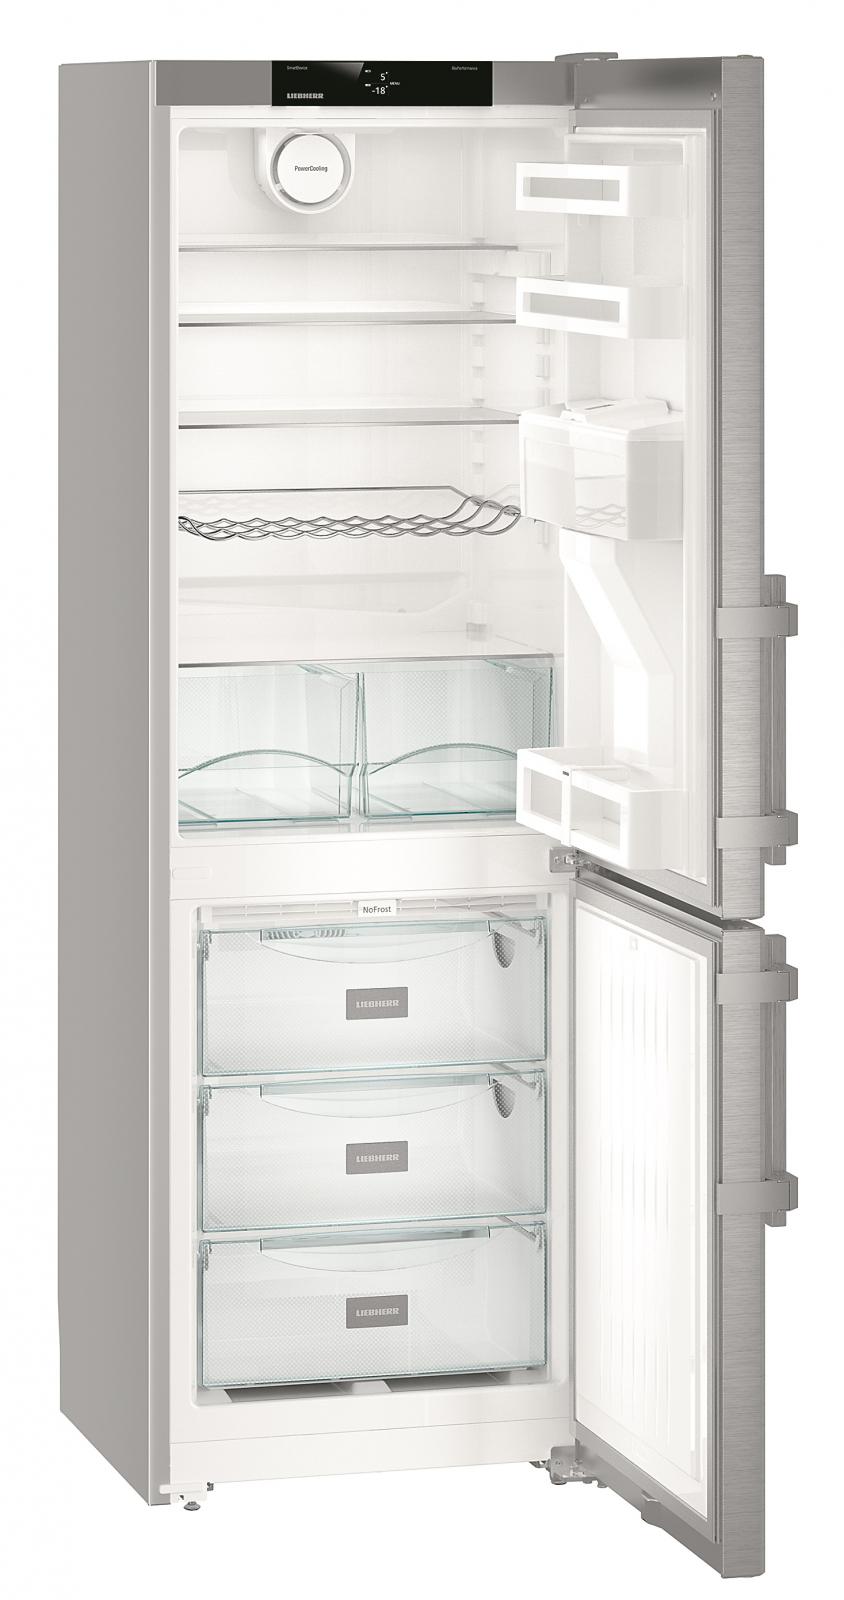 купить Двухкамерный холодильник Liebherr CNef 3535 Украина фото 5